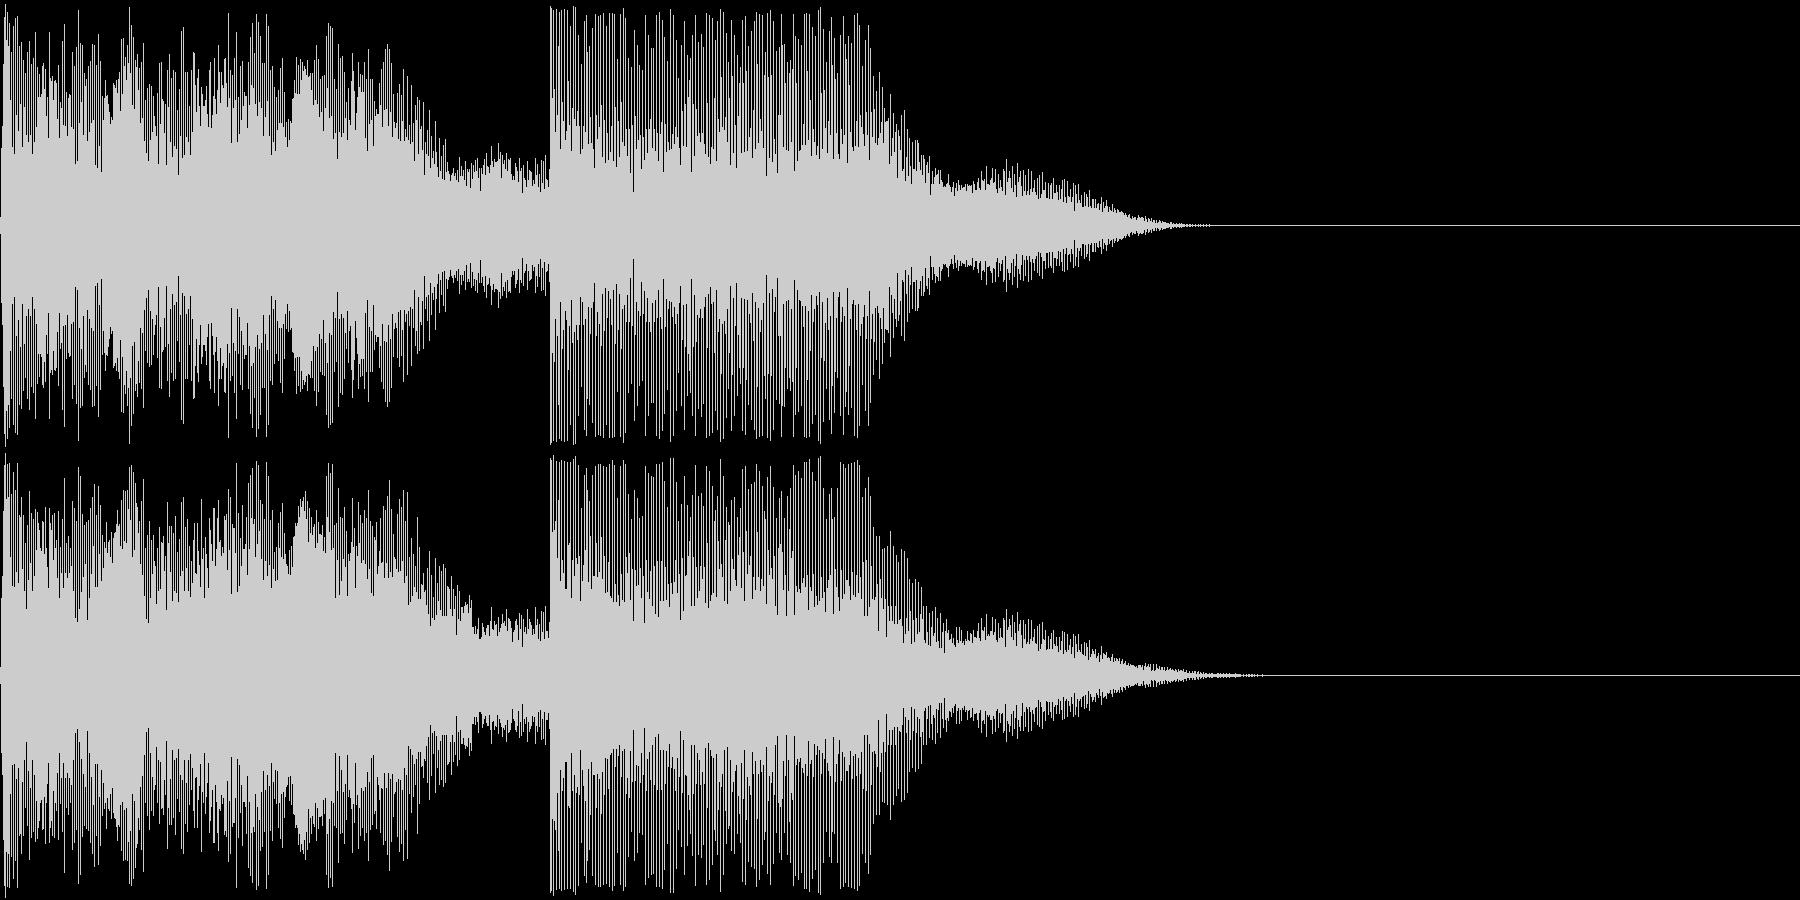 AI メカ/ロボ/マシン動作音 20 短の未再生の波形